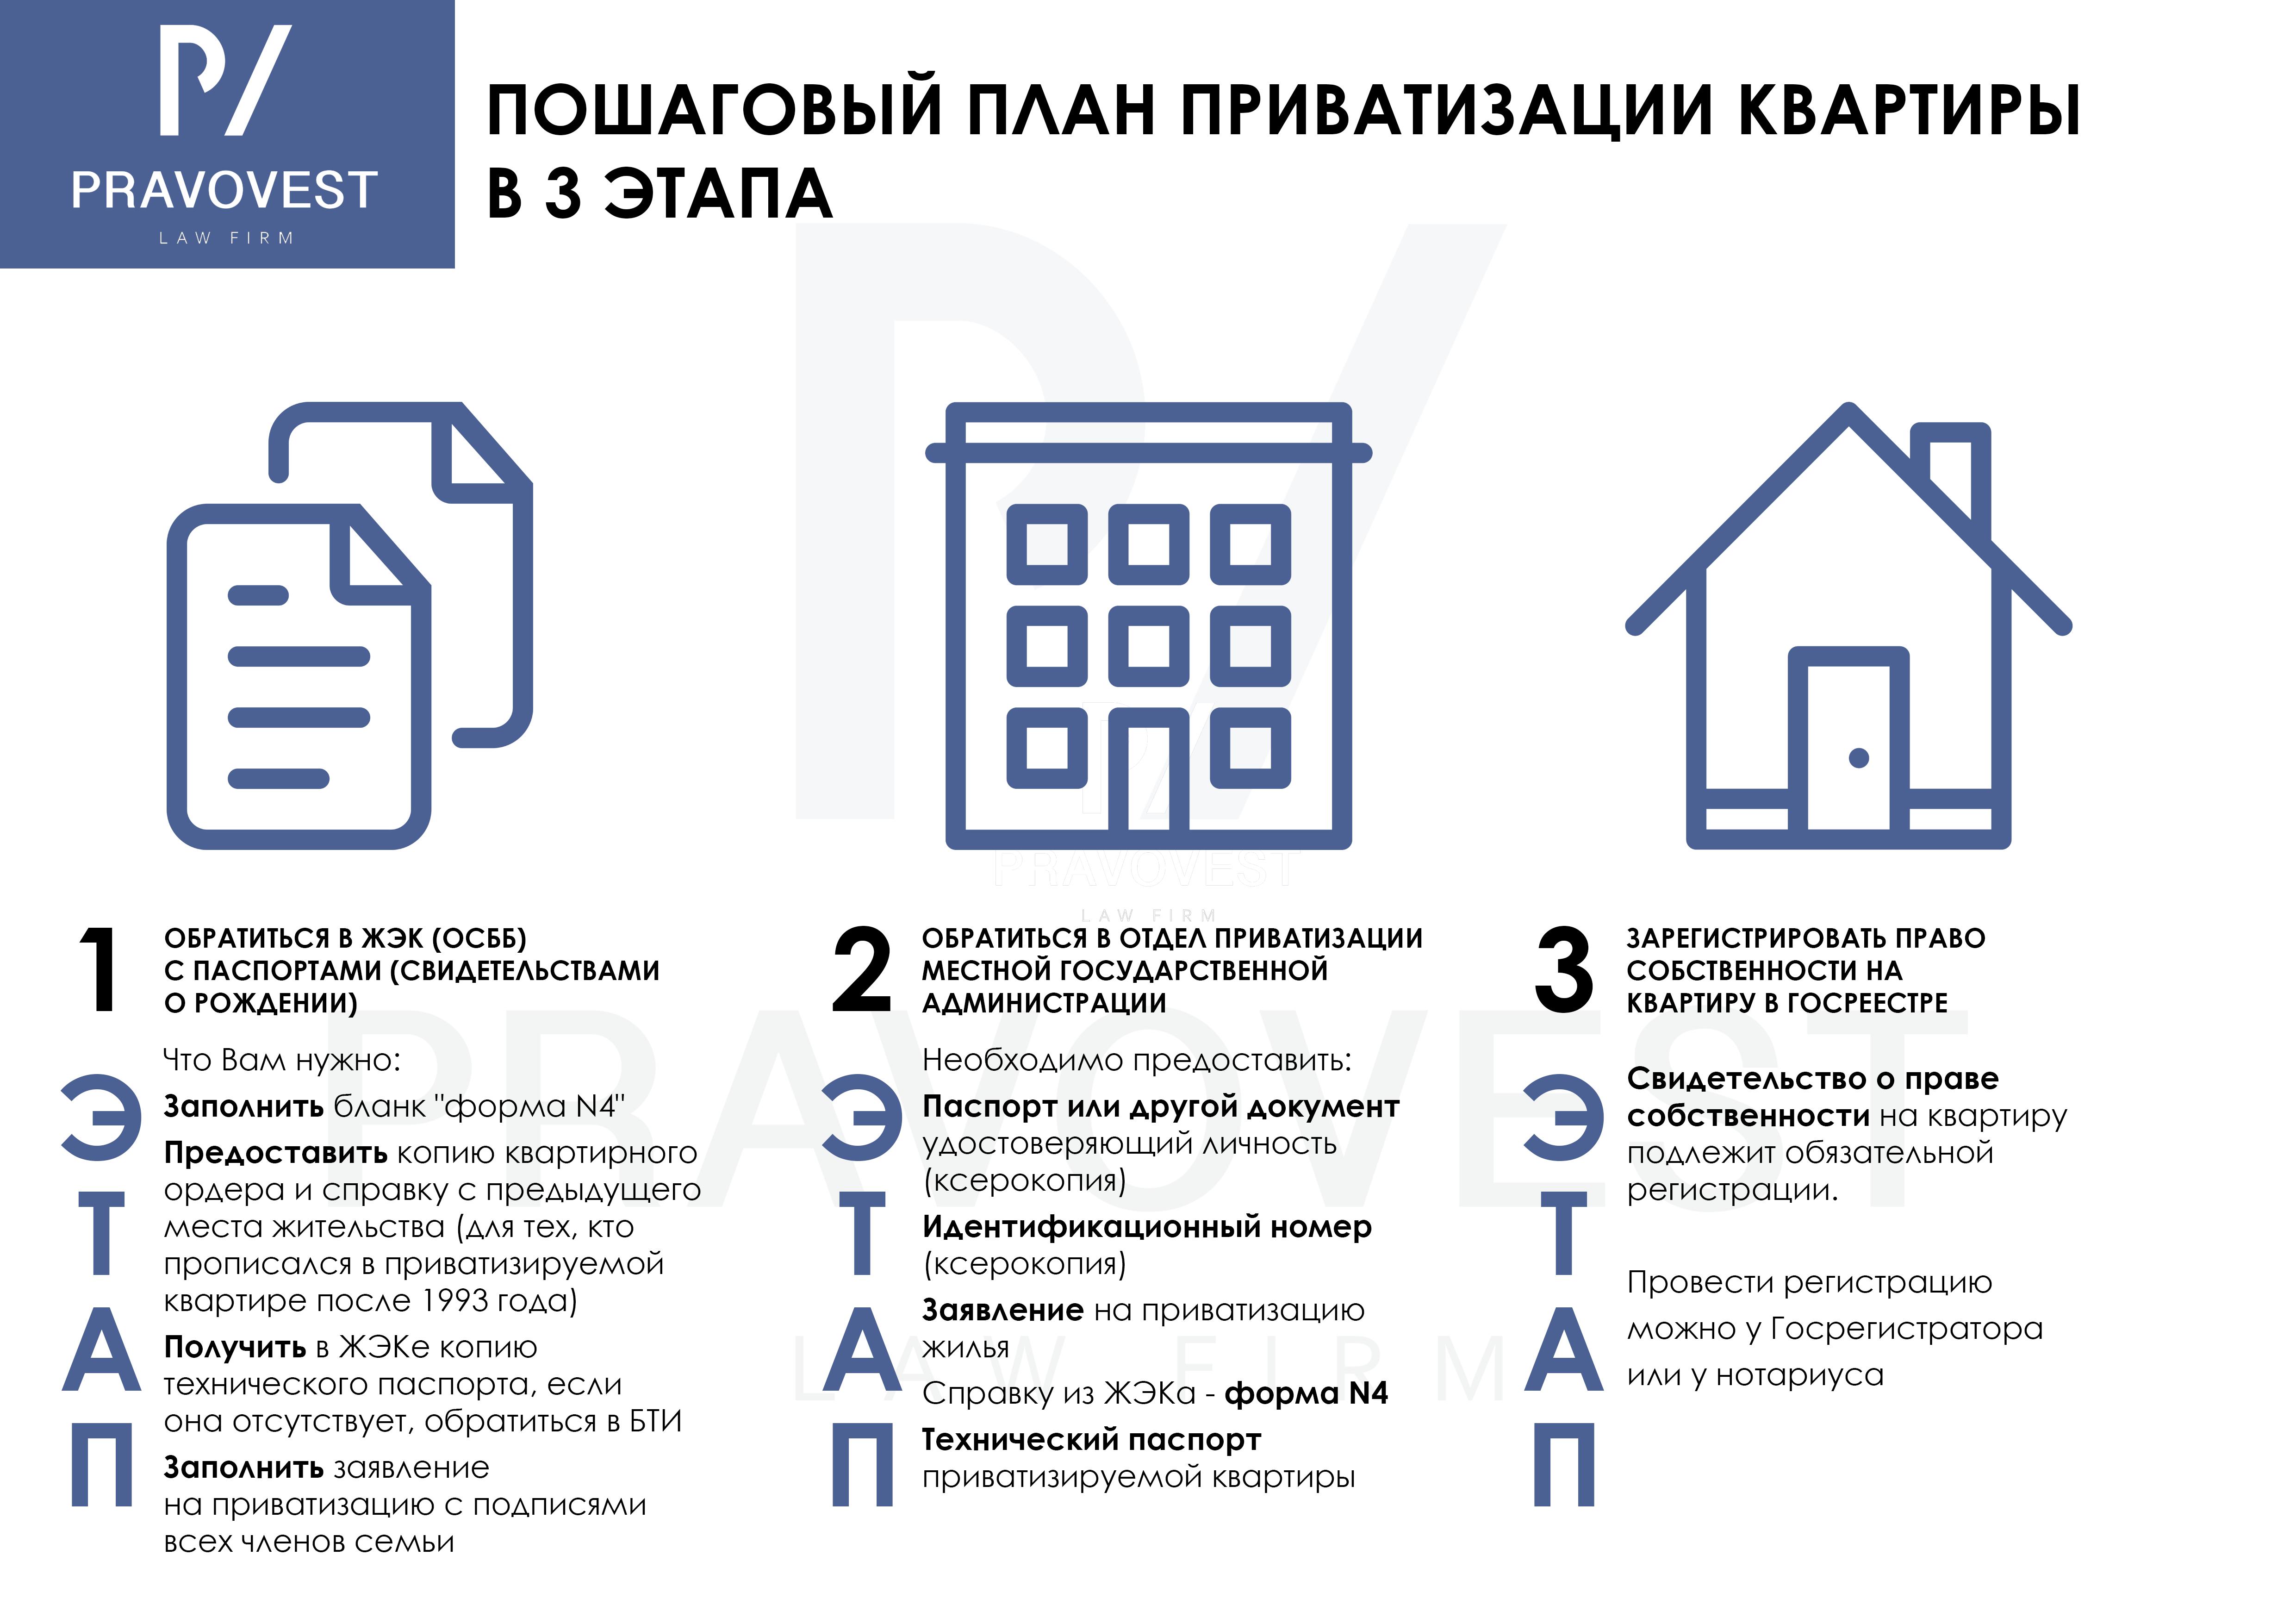 Как приватизировать квартиру по ордеру: где взять, как восстановить если утерян ордер изоражения